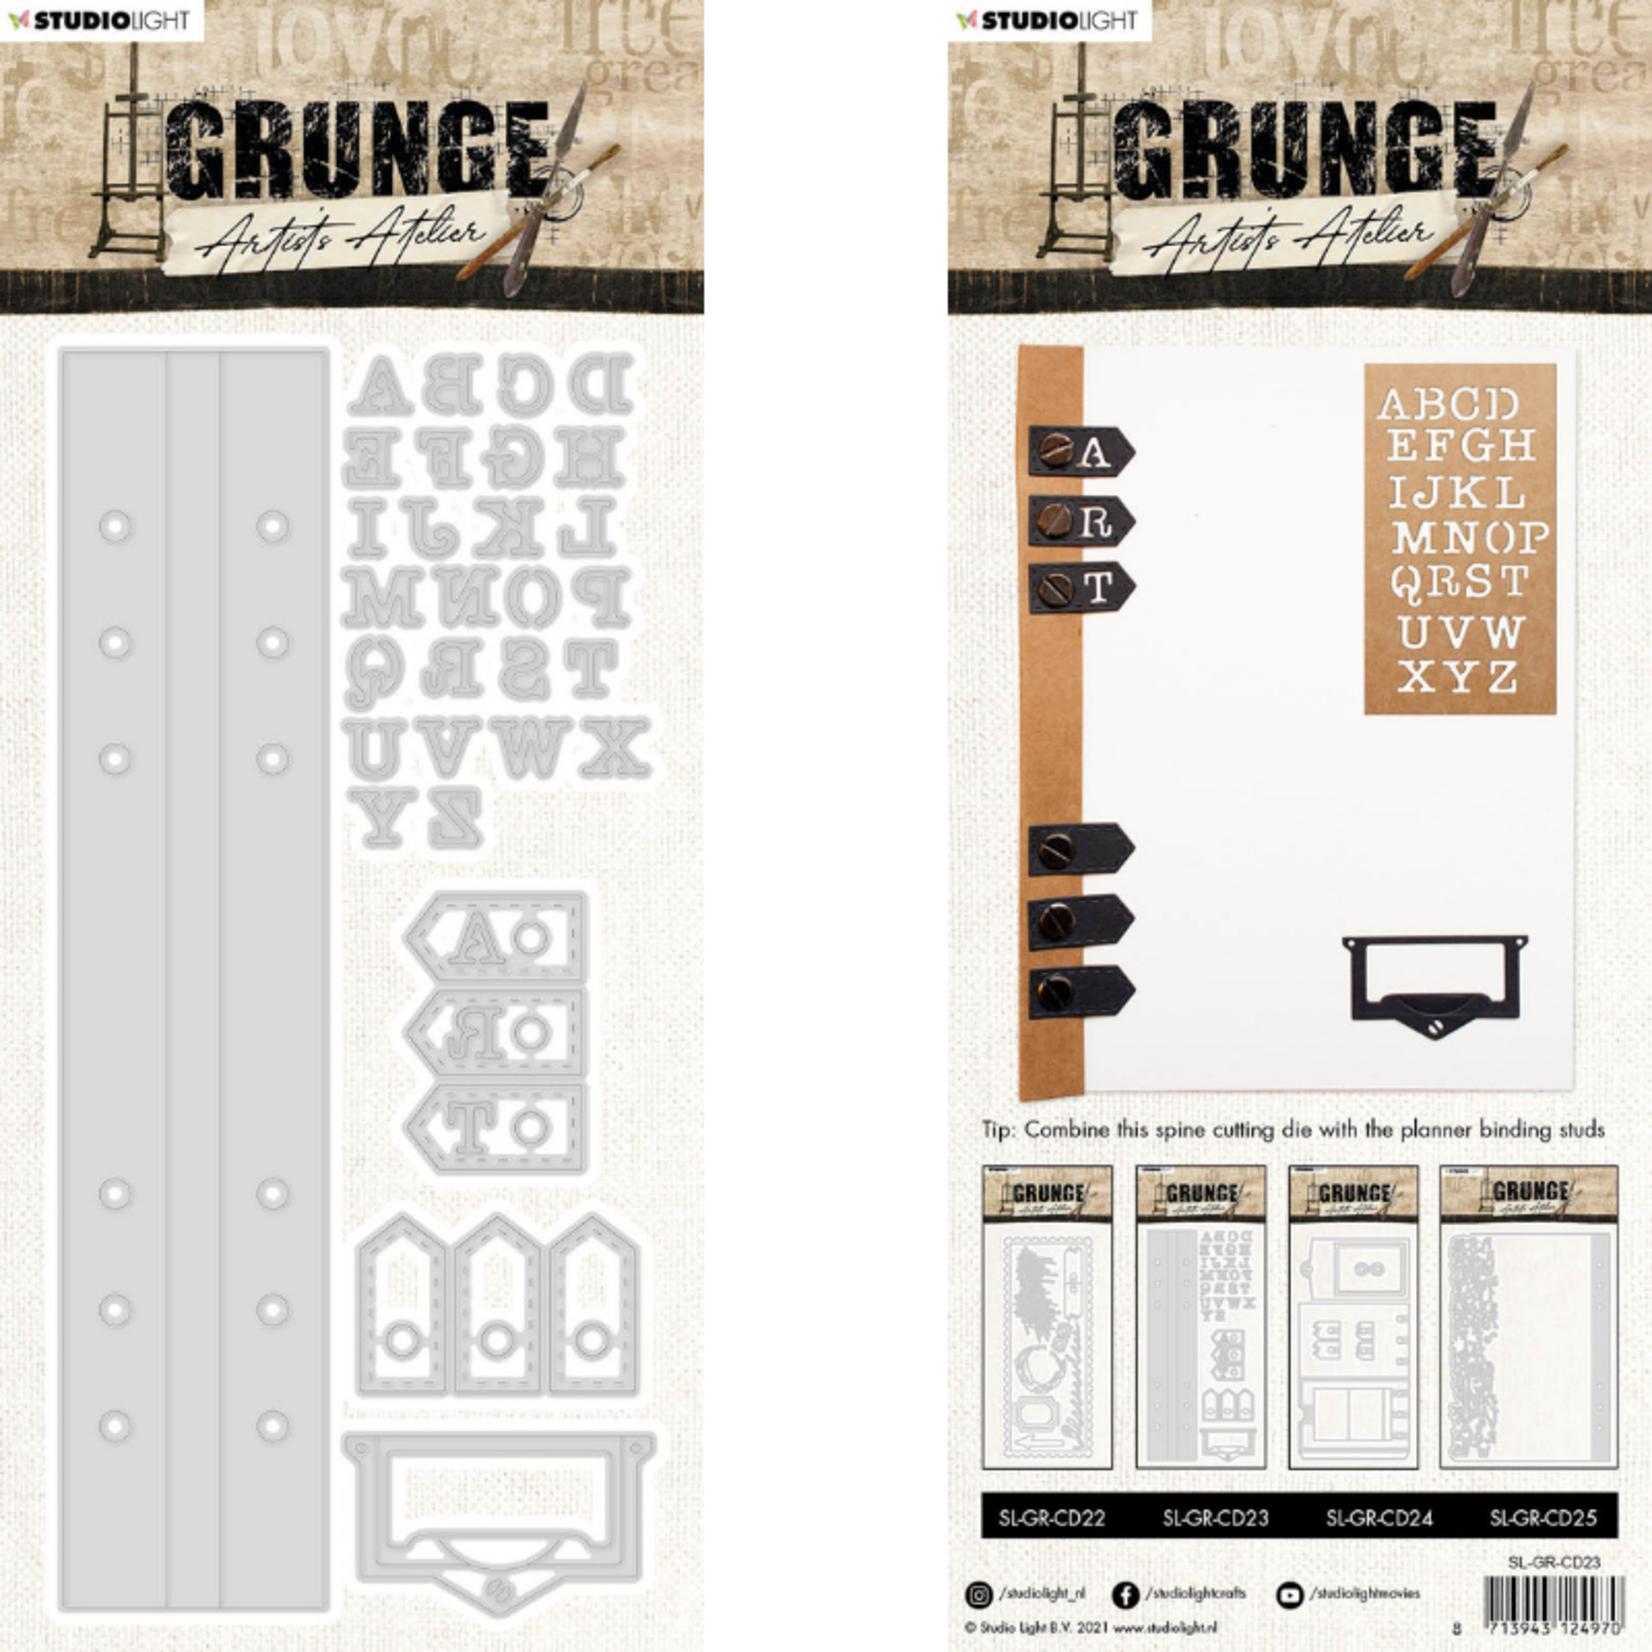 Studio Light Studio Light - Grunge Artist's Atelier -  Essentials Cutting Dies - Spine Cutting - SL-GR-CD23